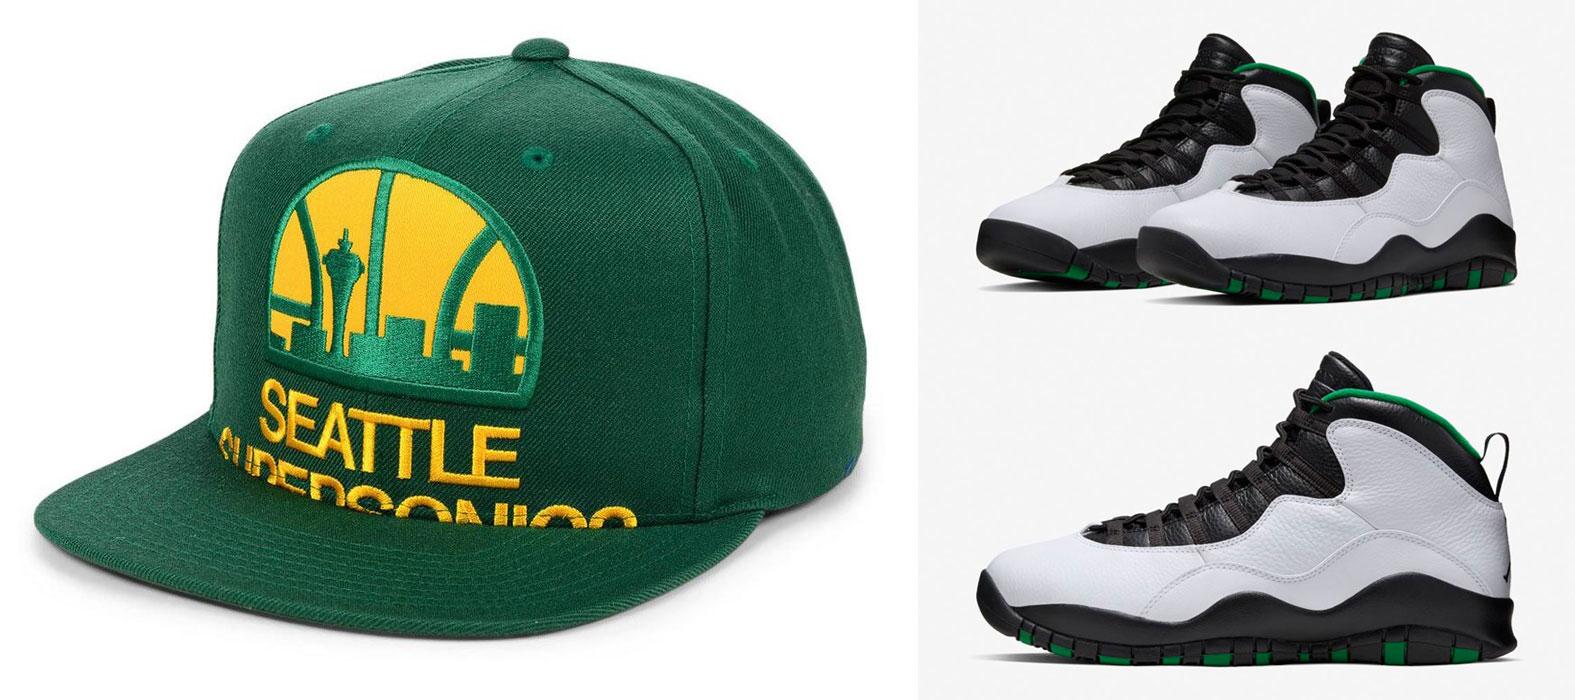 jordan-10-seattle-hat